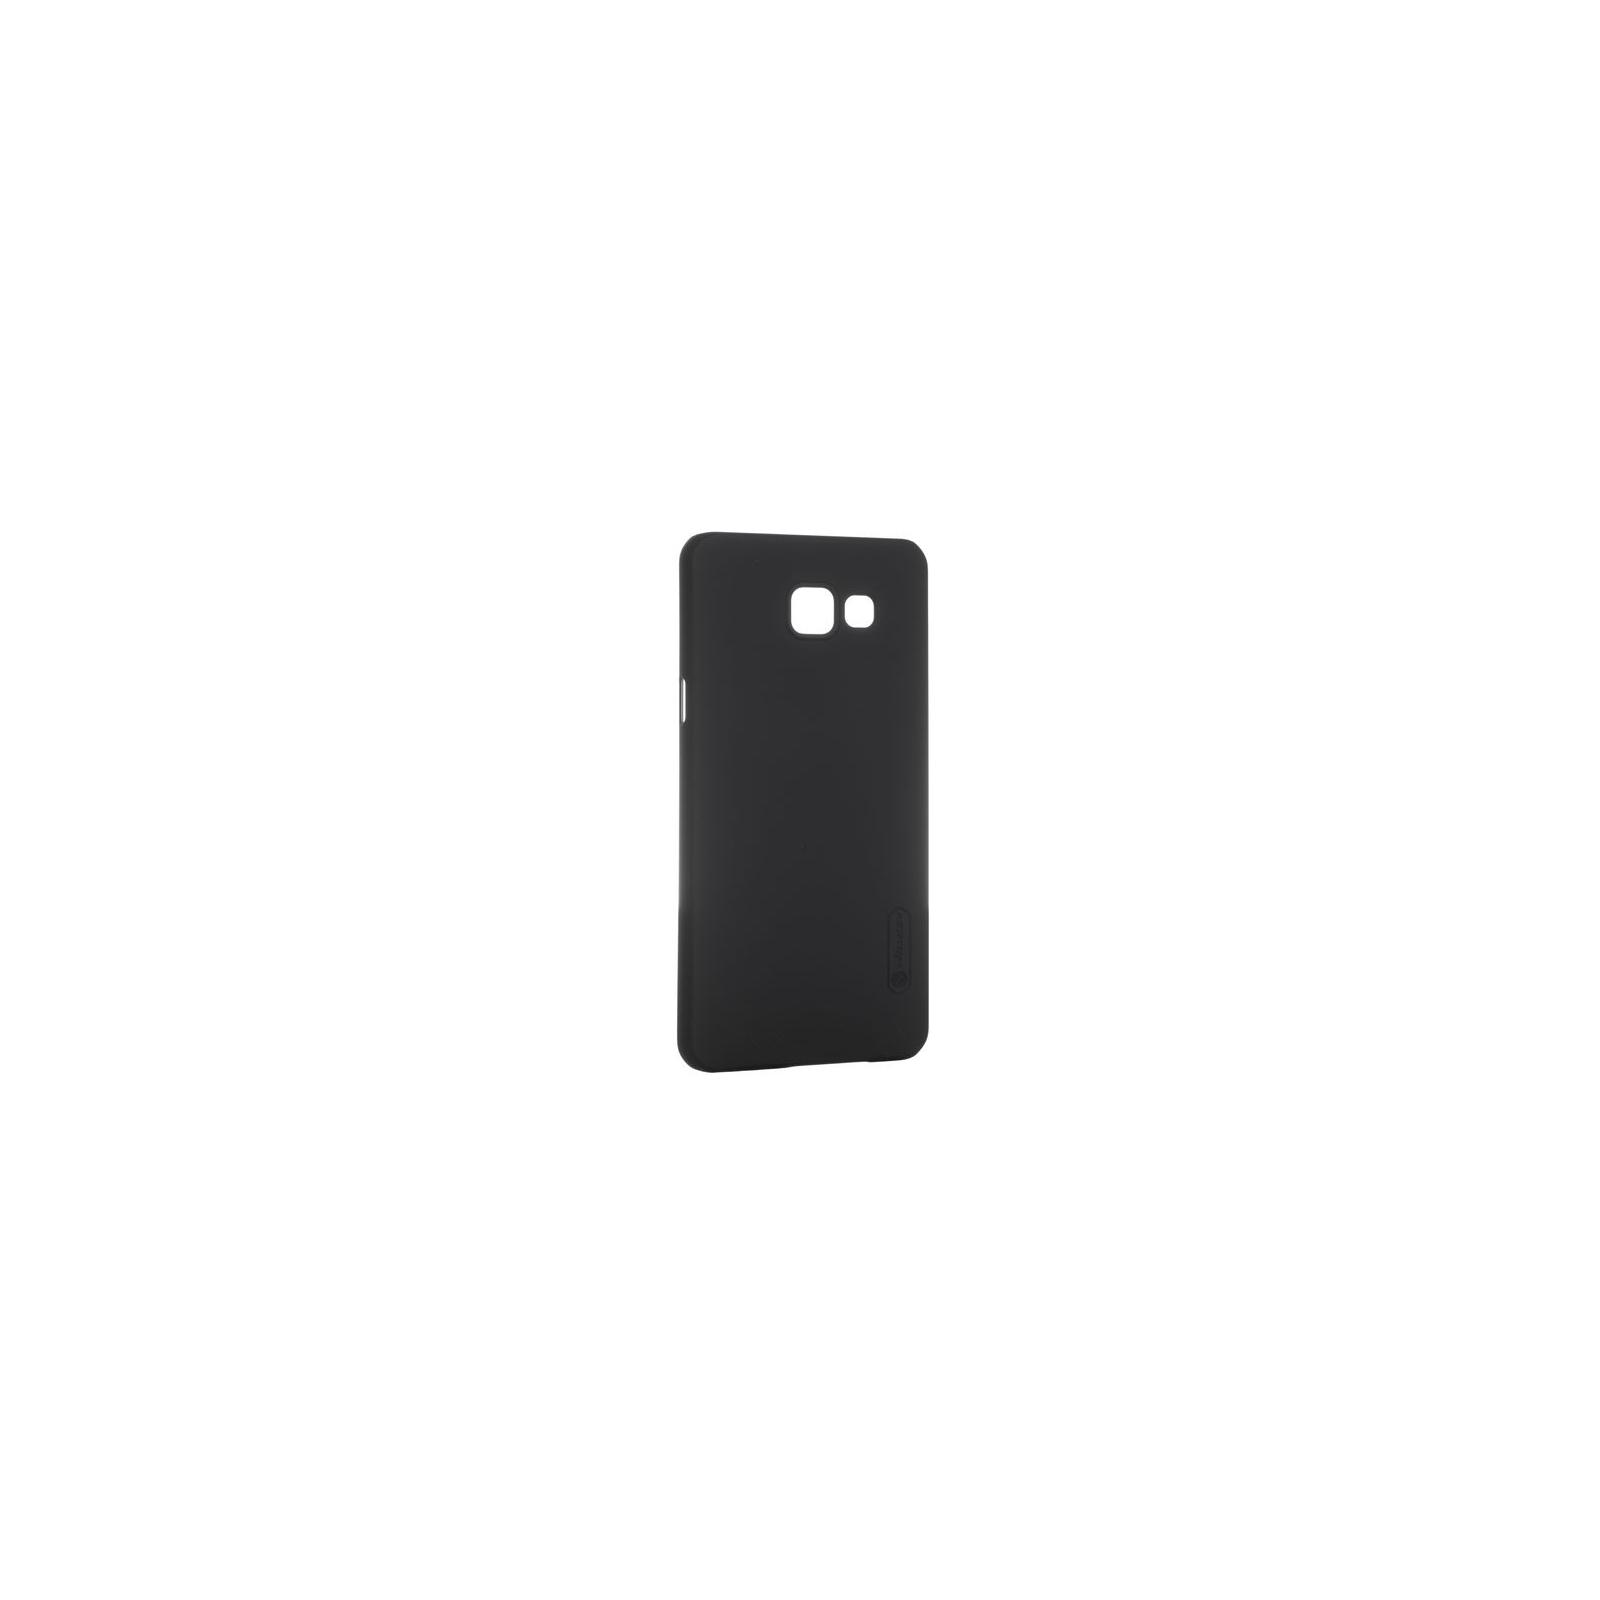 Чехол для моб. телефона NILLKIN для Samsung A7/A710 Black (6264784) (6264784)